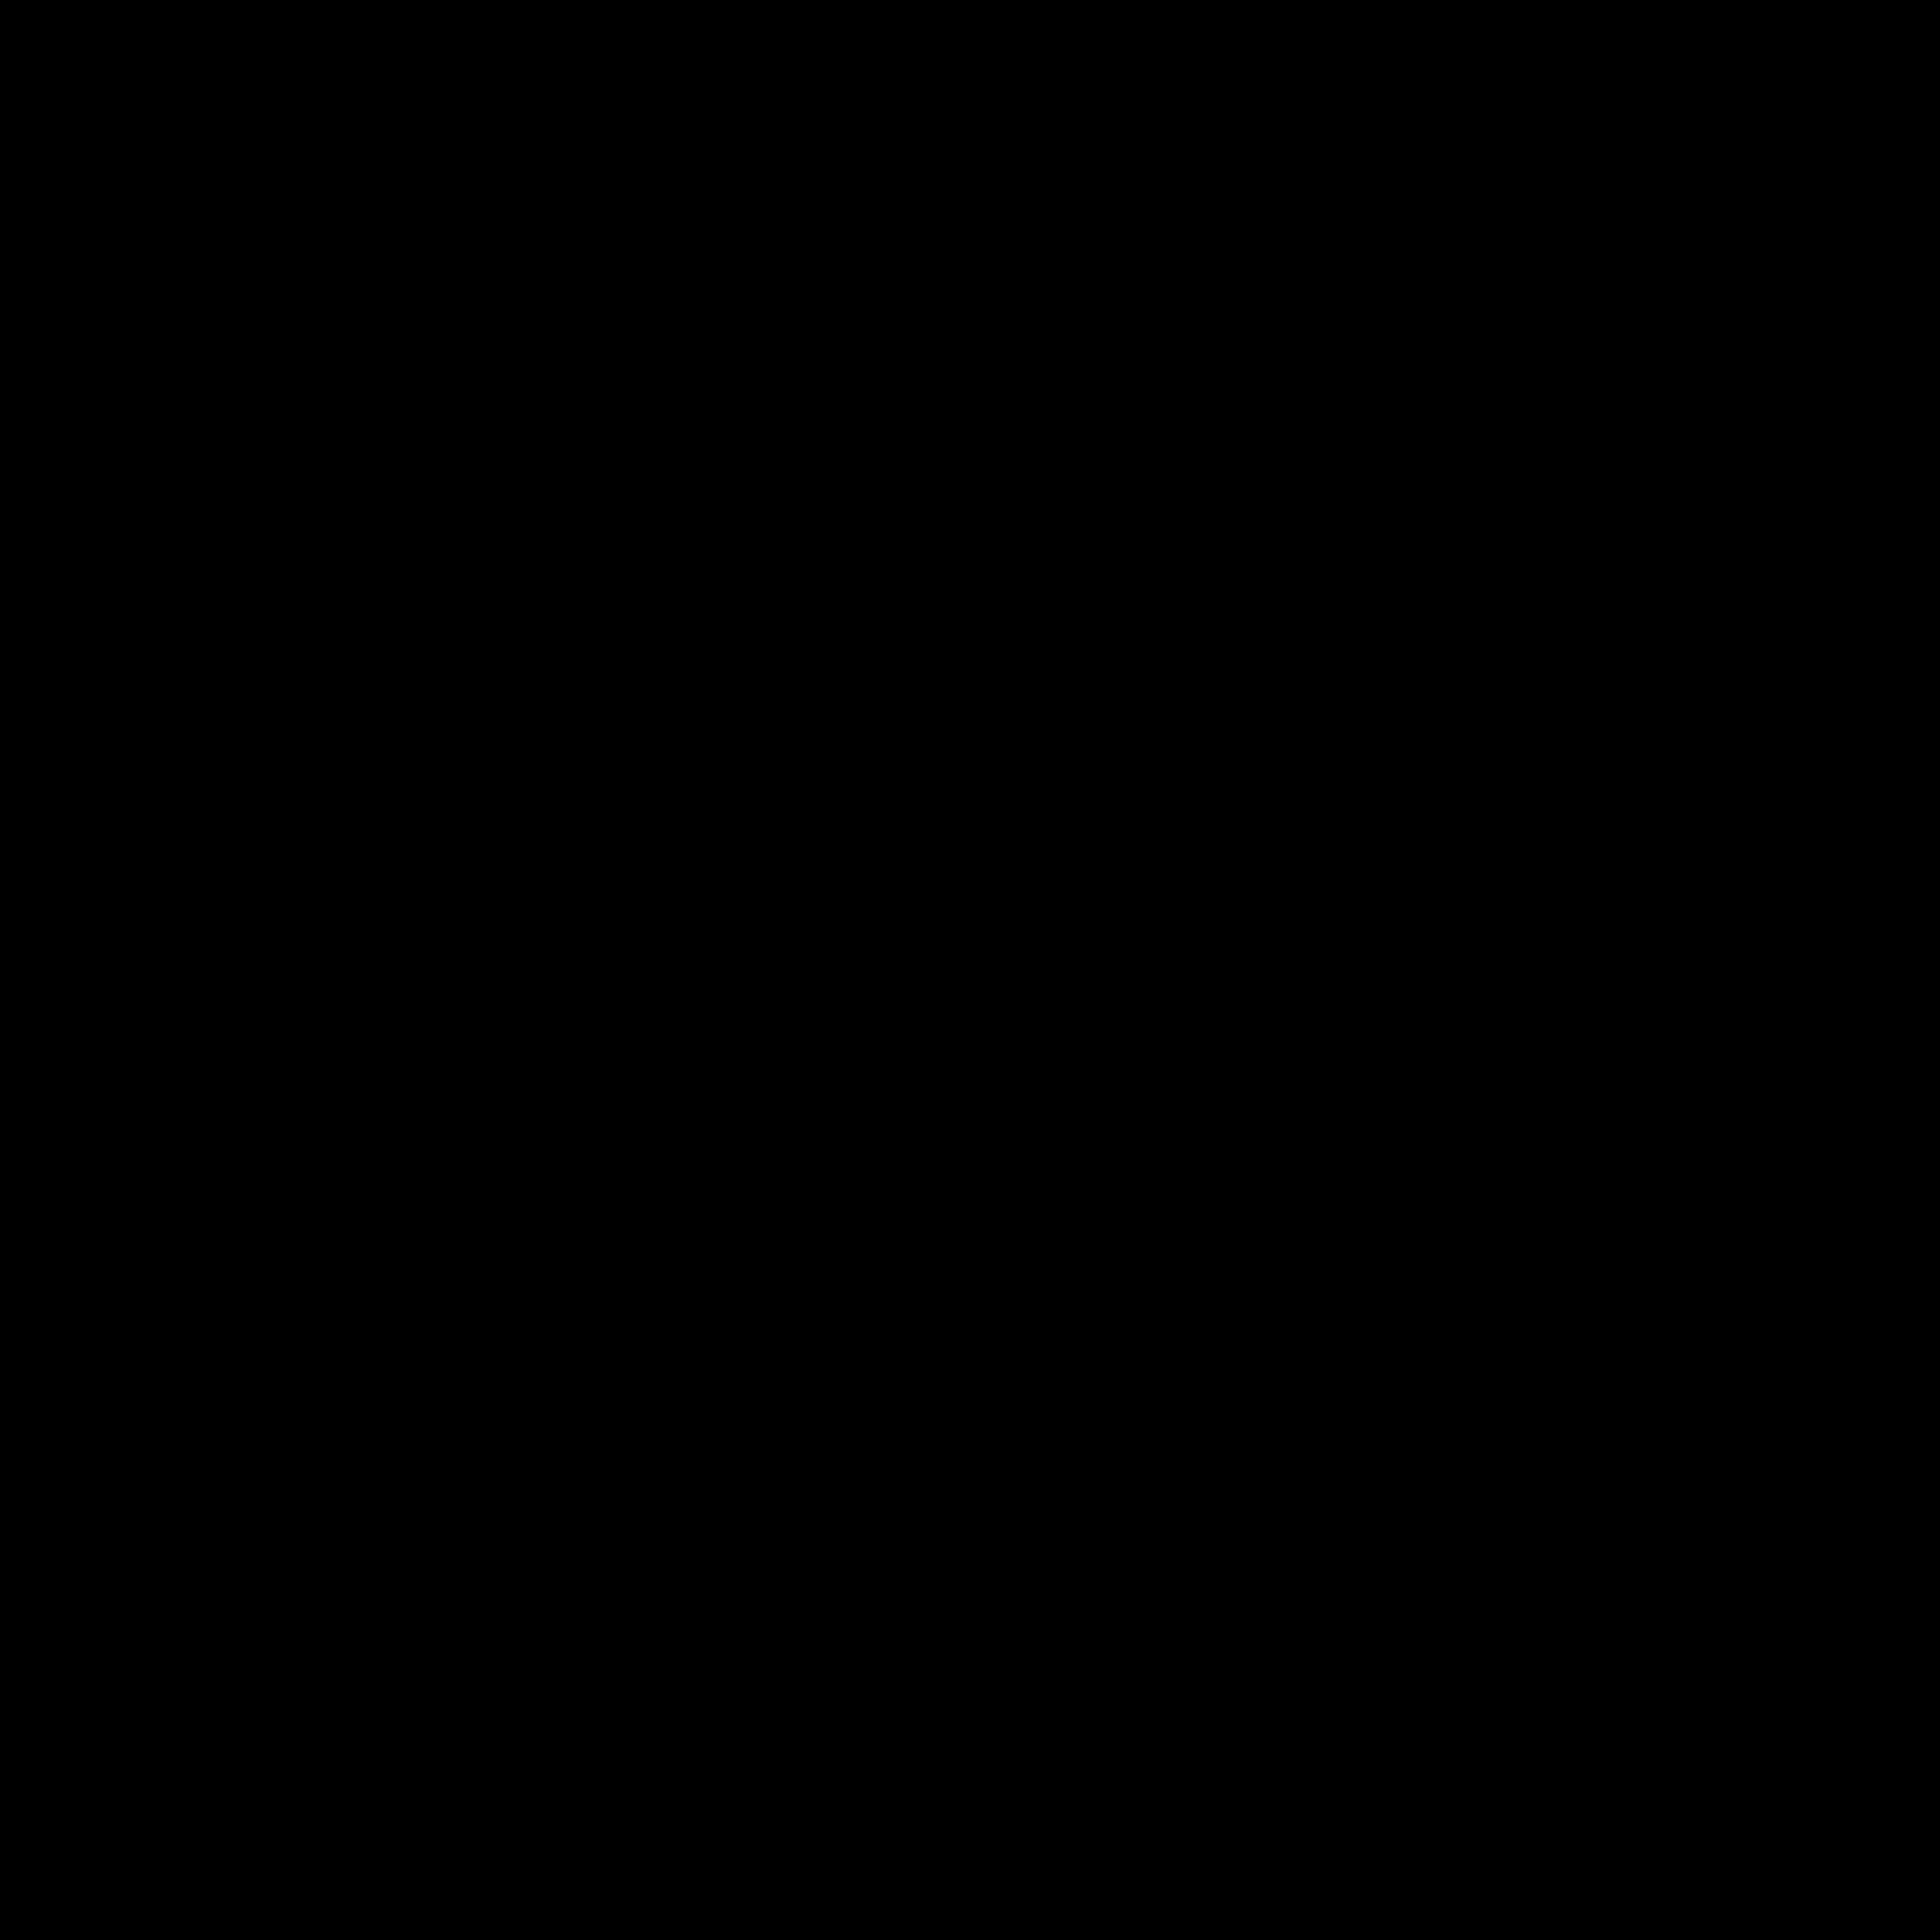 logo press-01